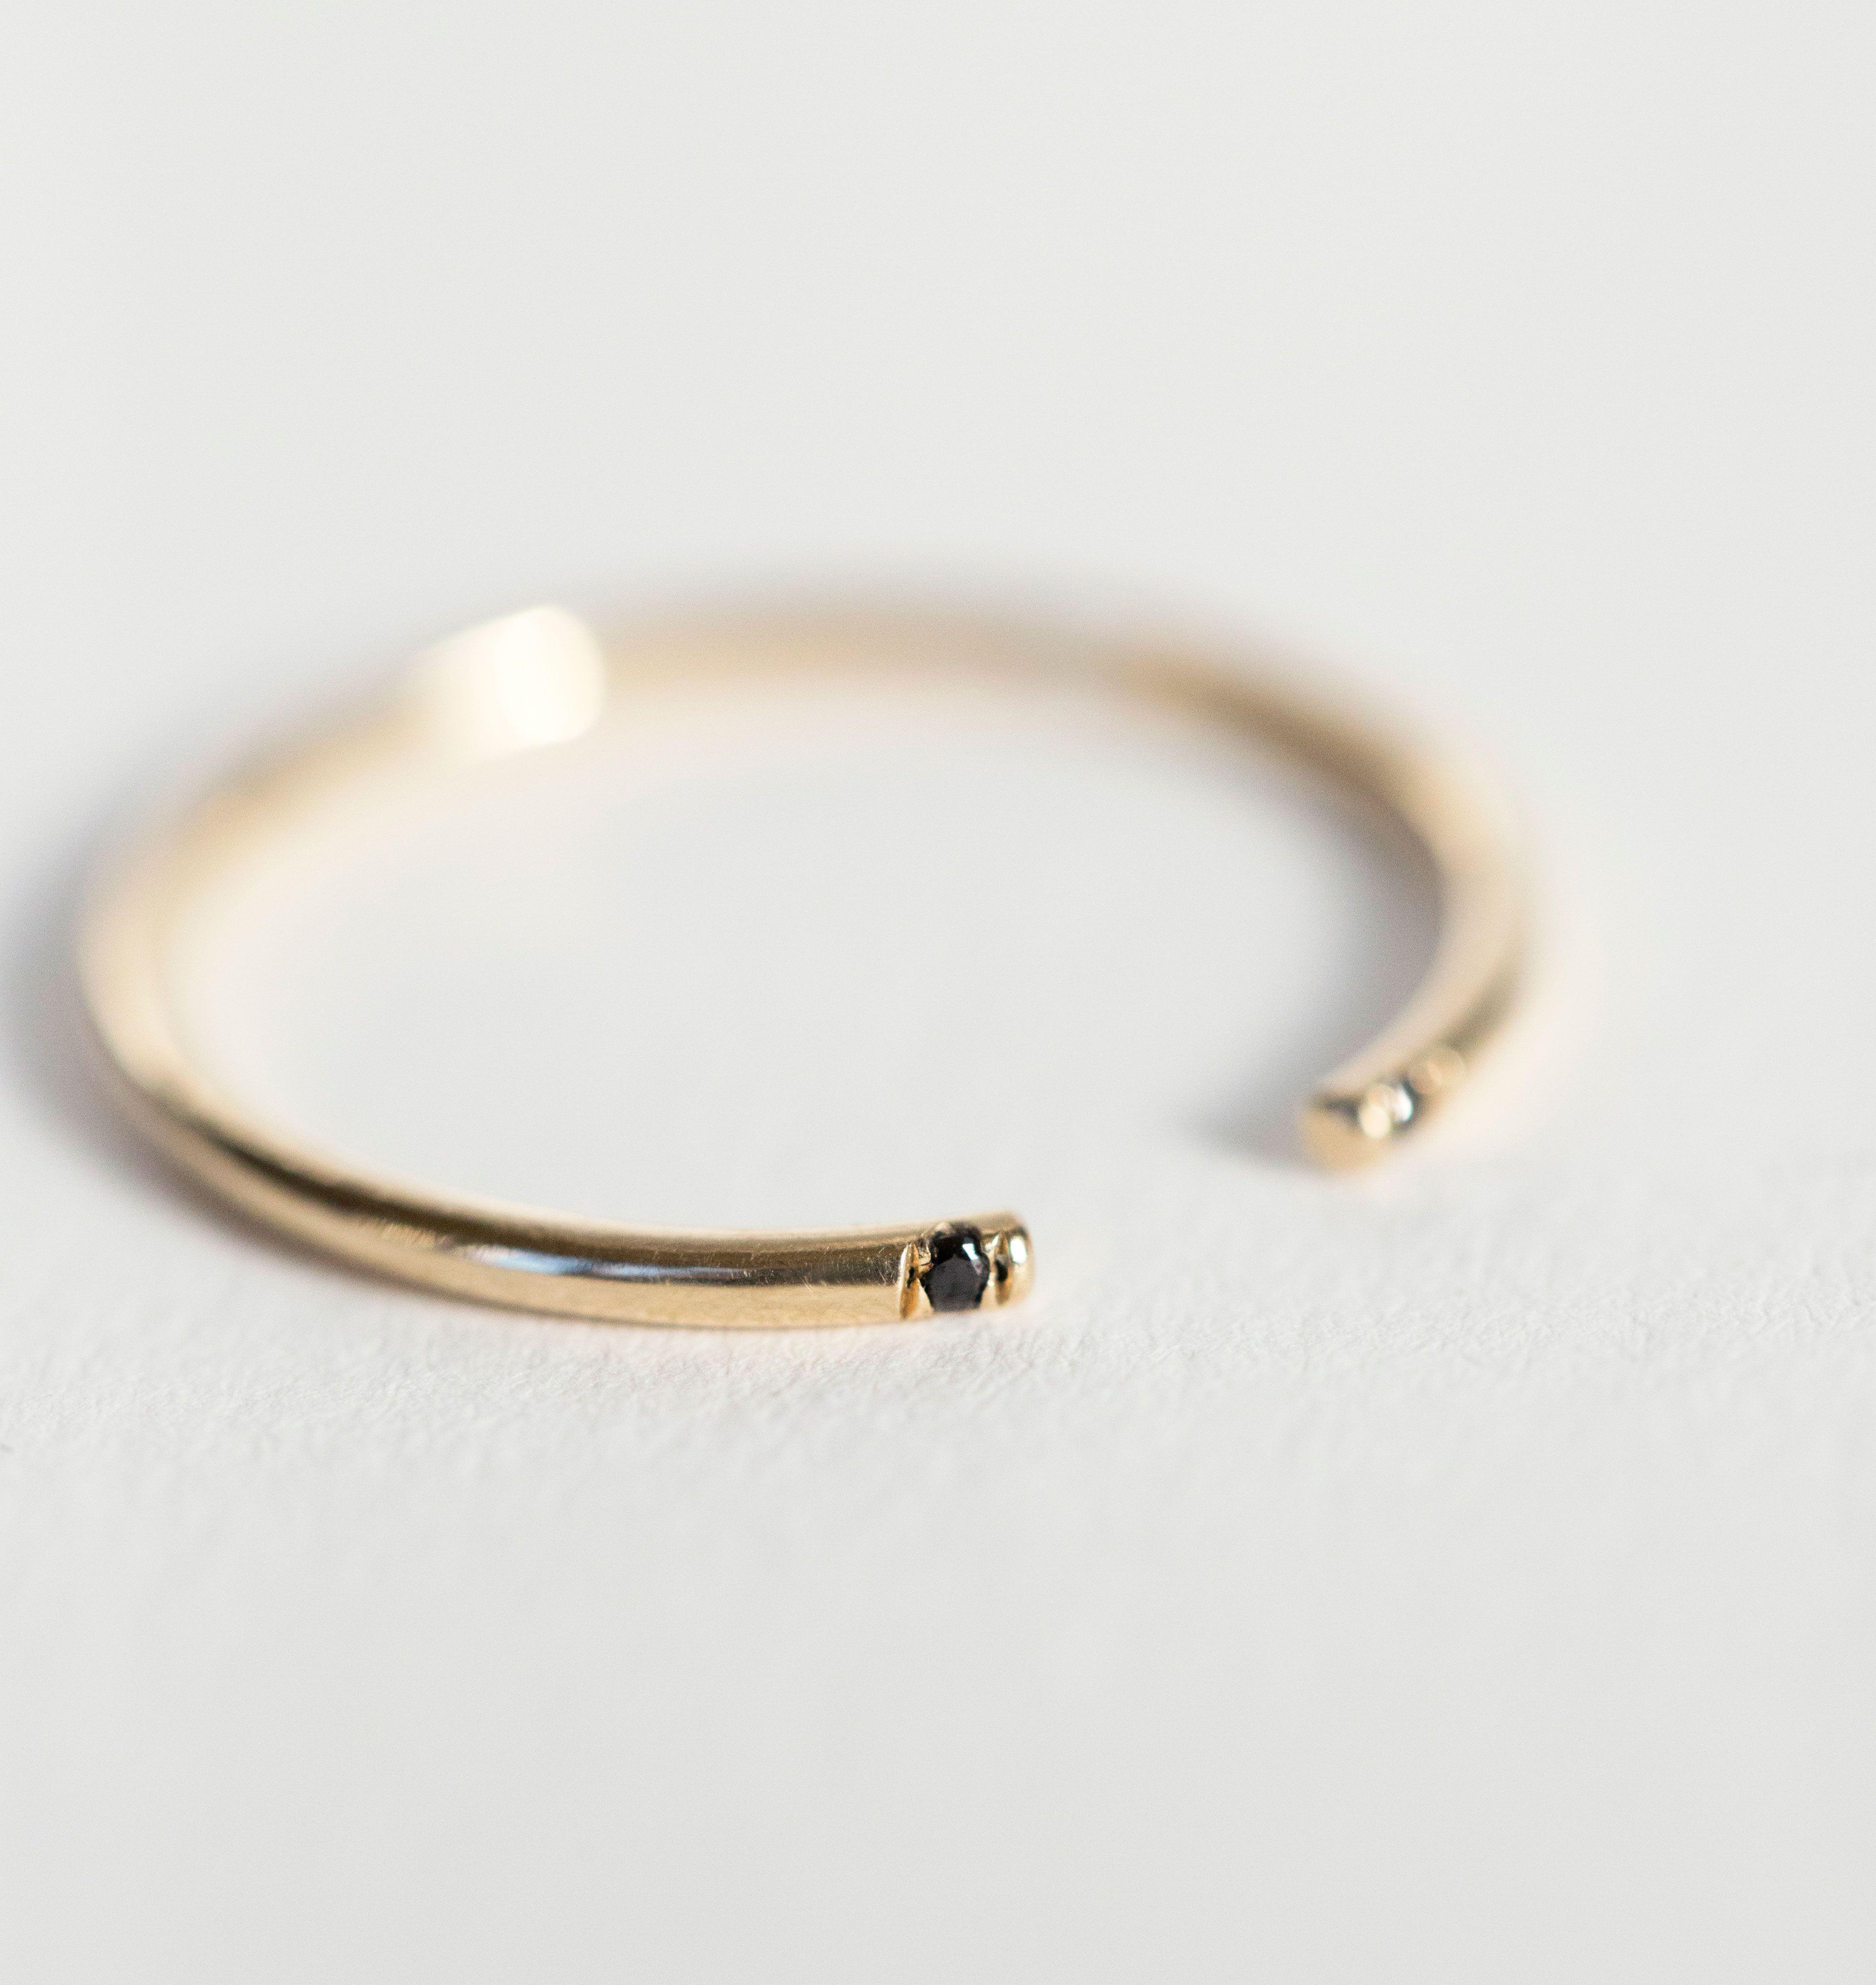 Jennie Kwon Designs cuff ring - Metallic IS3l06uX